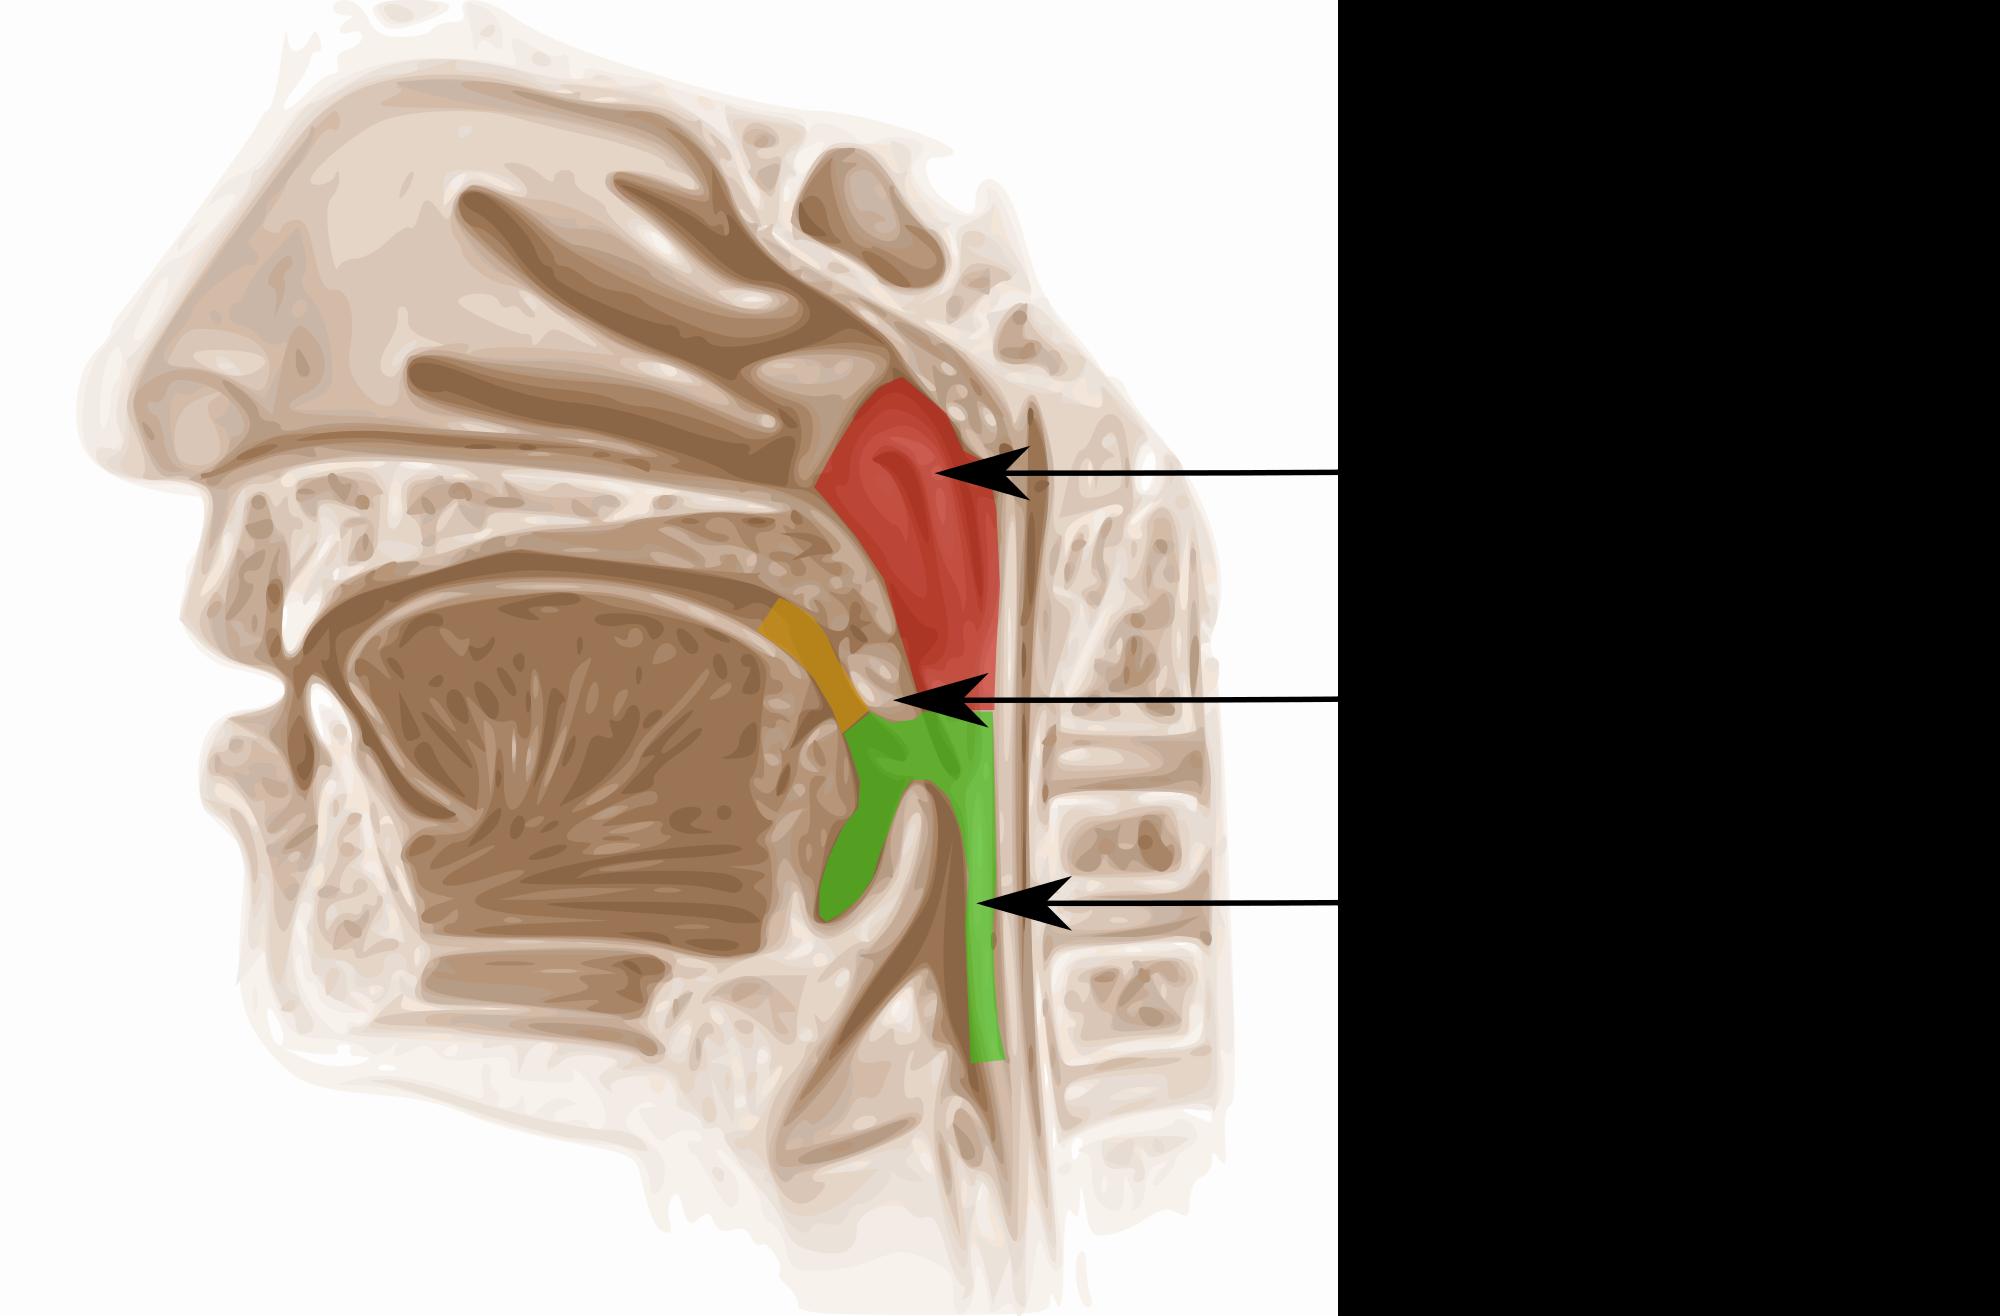 Строение глотки, носоглотки, ротоглотки